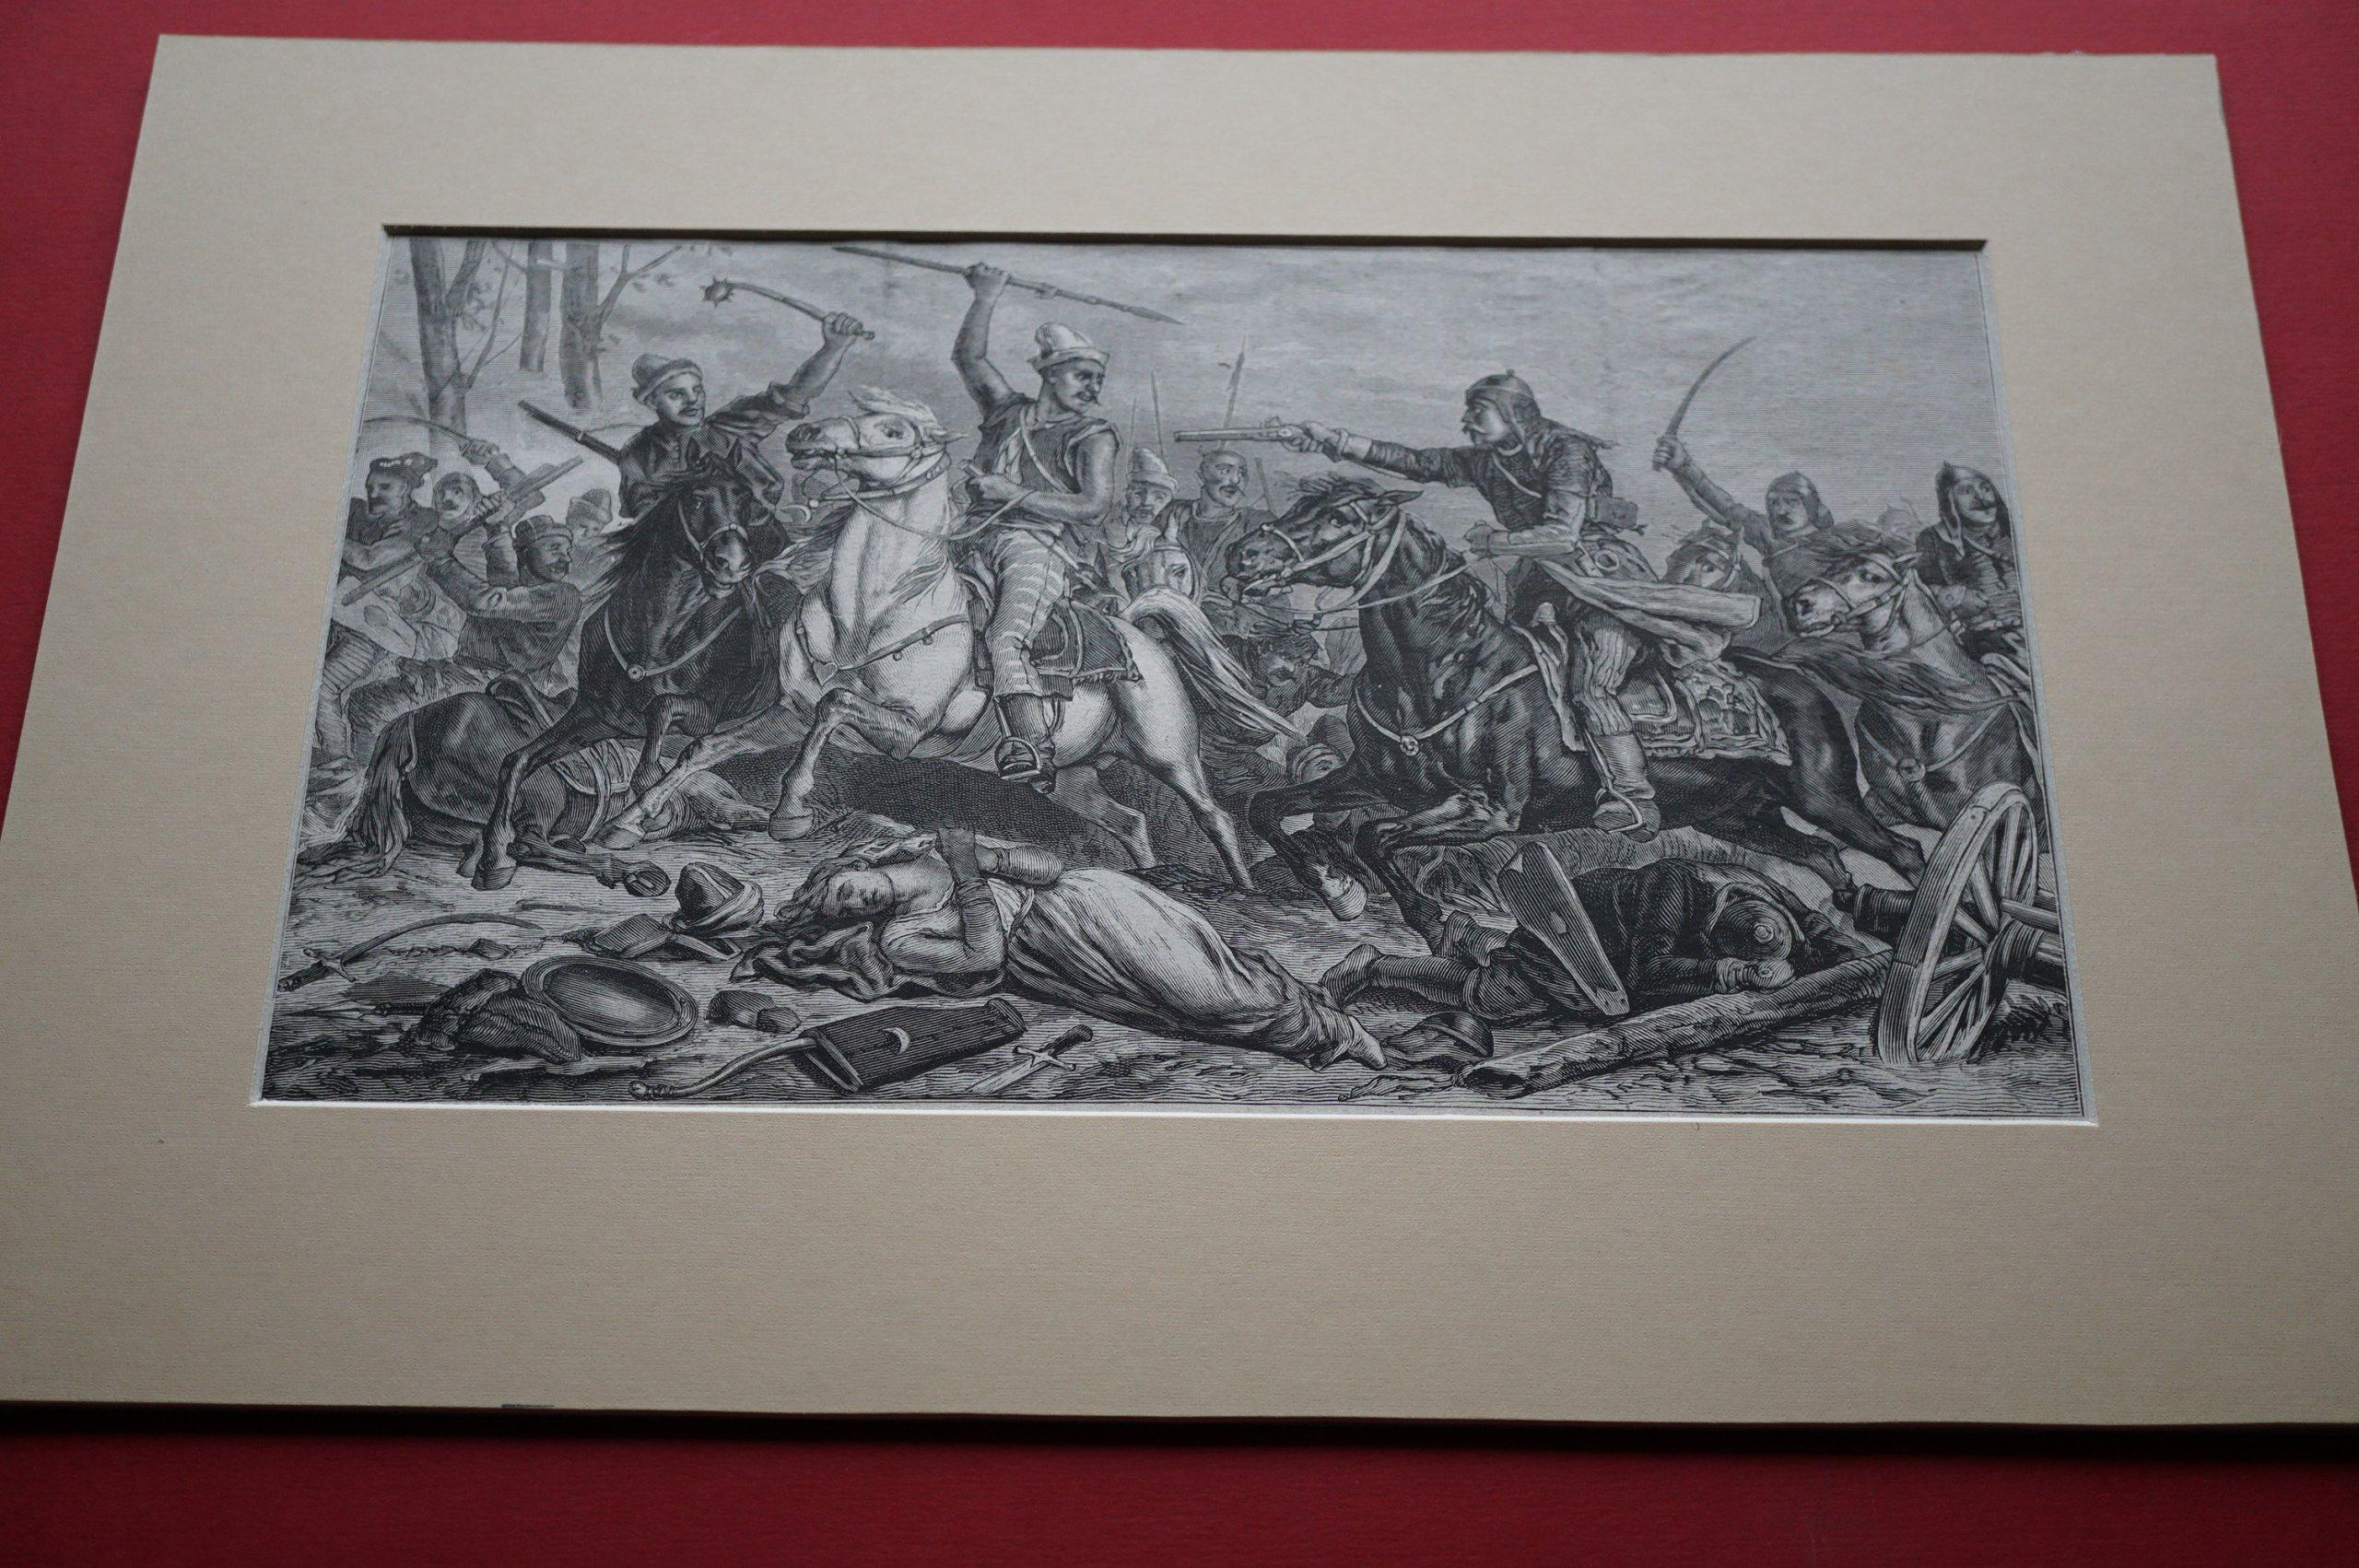 SYPNIEWSKI F.: Pogoń za Tatarami. Drzeworyt, 1882.